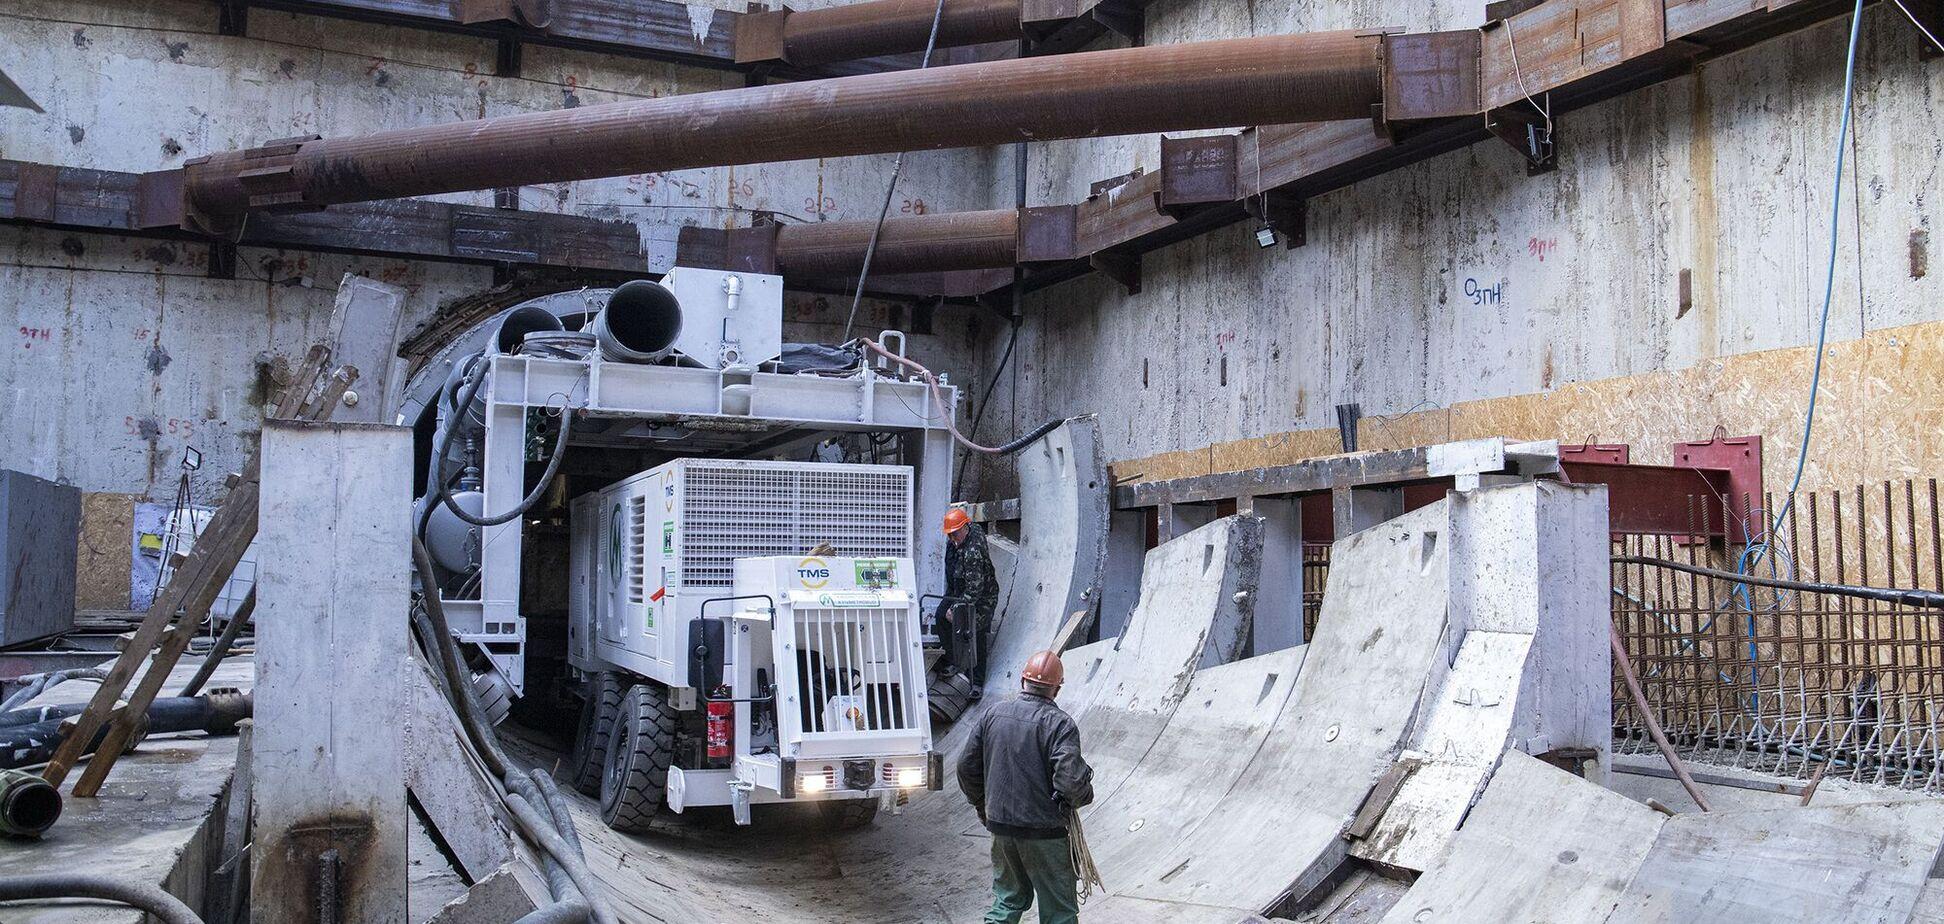 Как строят метро на Виноградарь в Киеве: видео из тоннеля